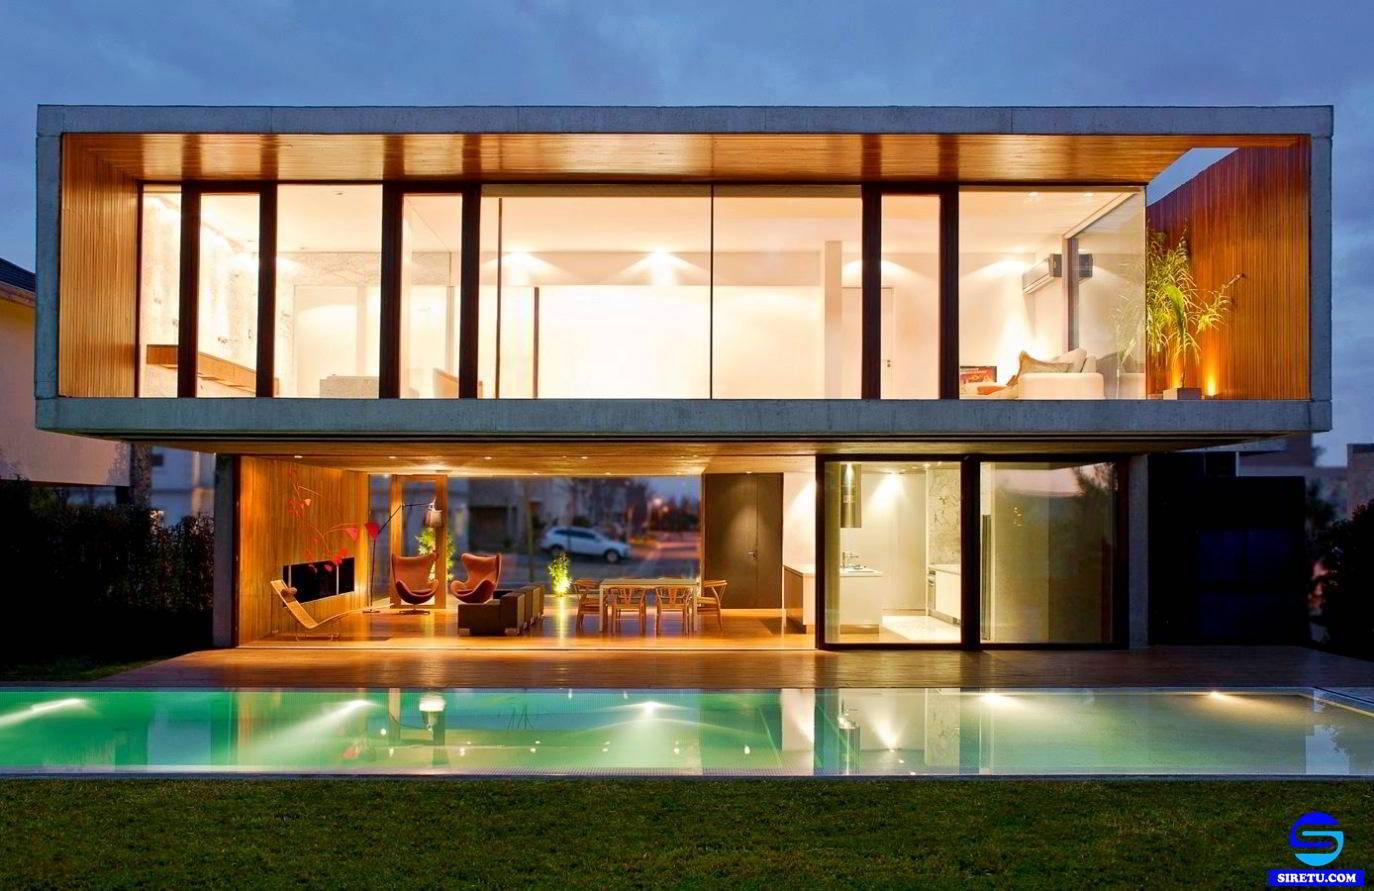 Download Koleksi Desain Rumah Minimalis Full Kaca Terkeren